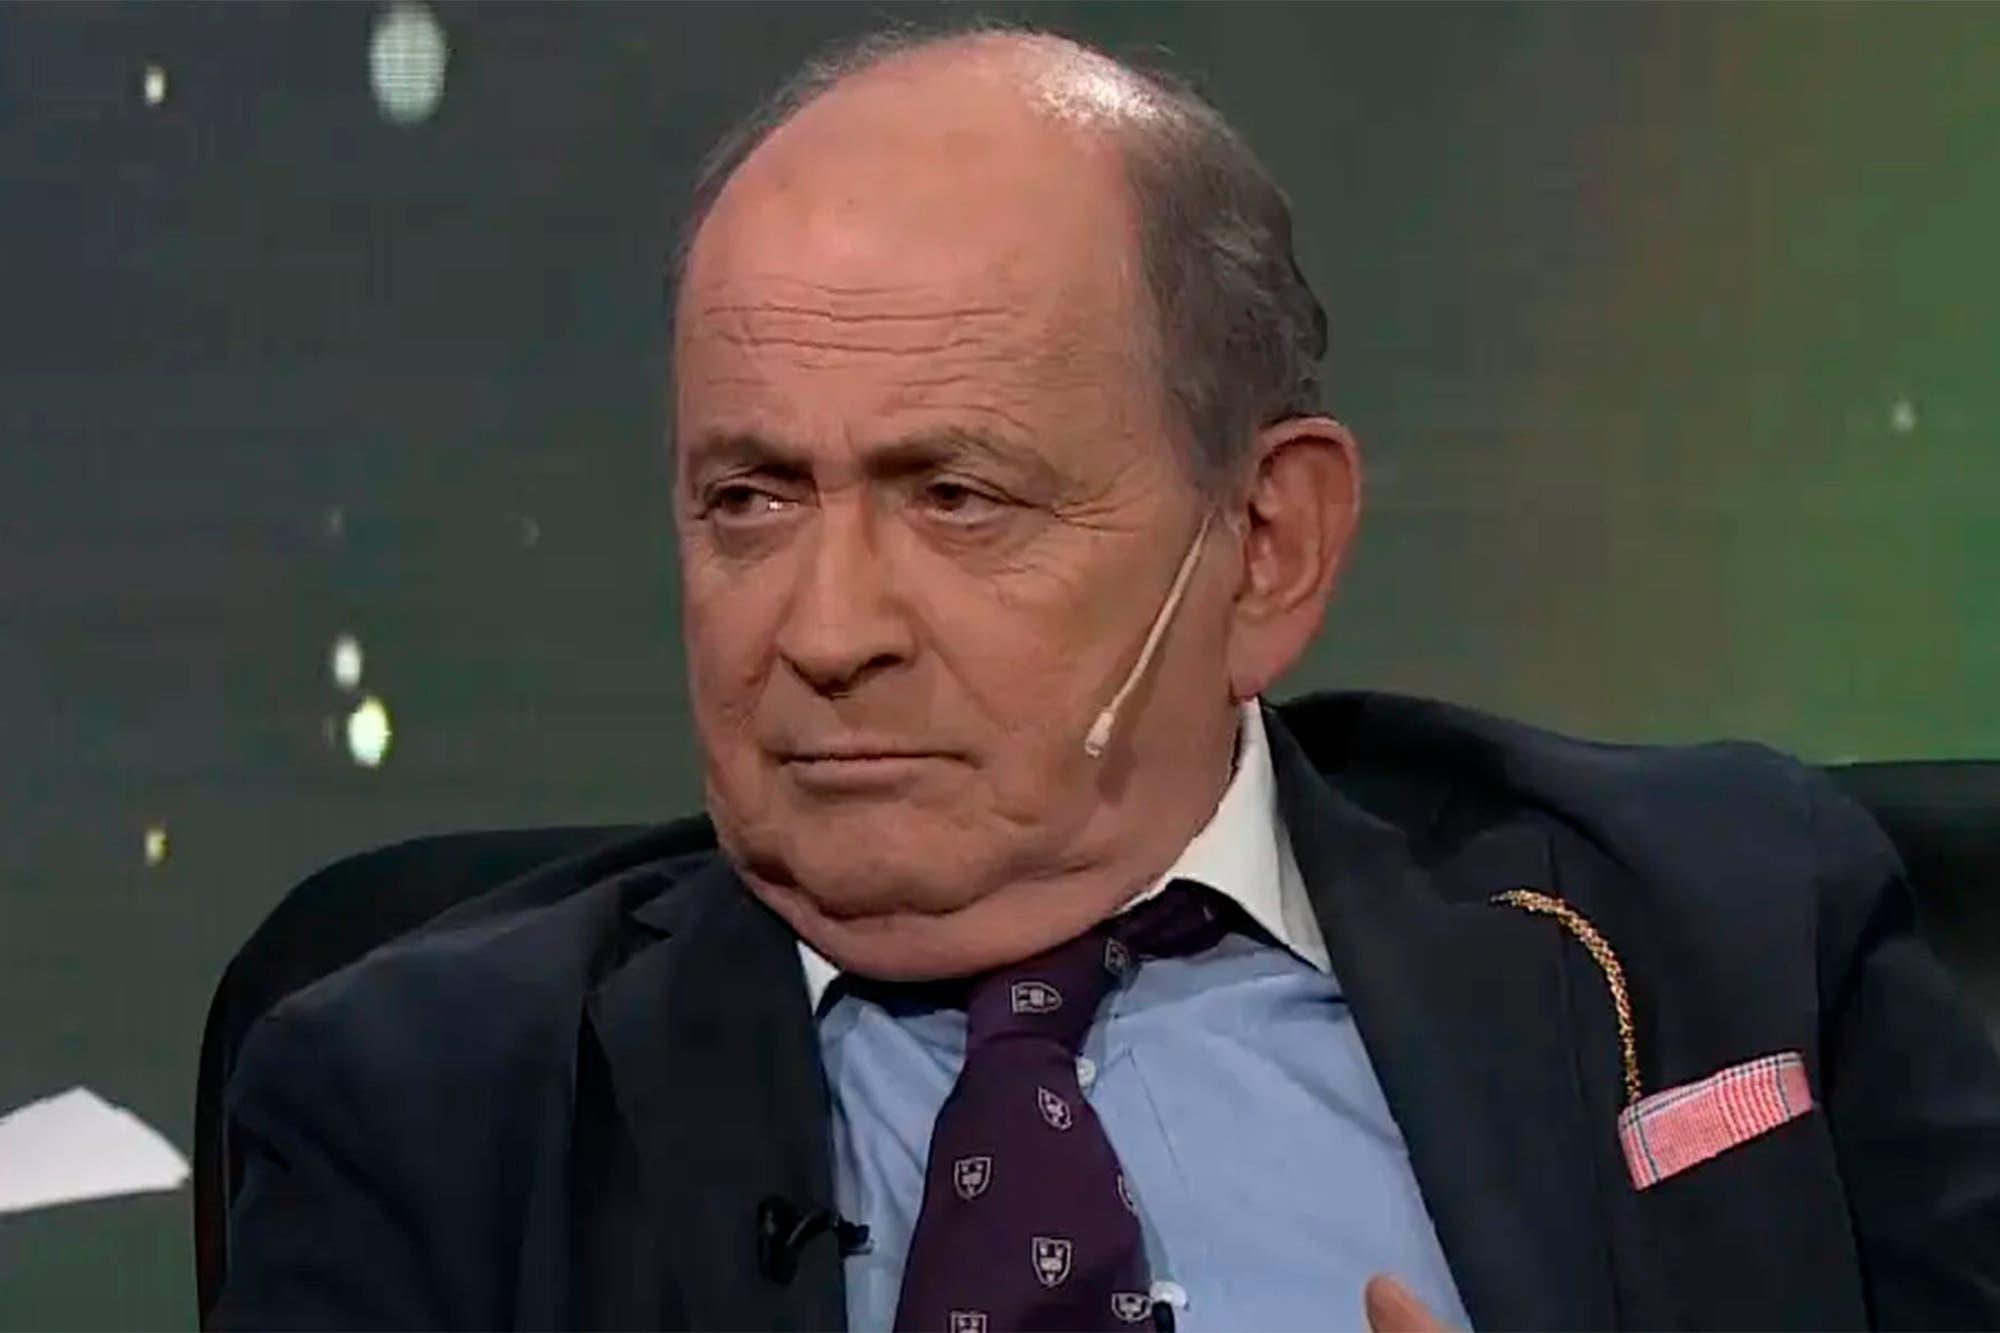 """Chiche Gelblung cuestionó la gestión de Alberto Fernández: """"Debería concentrarse más en la acción que en la palabra"""""""